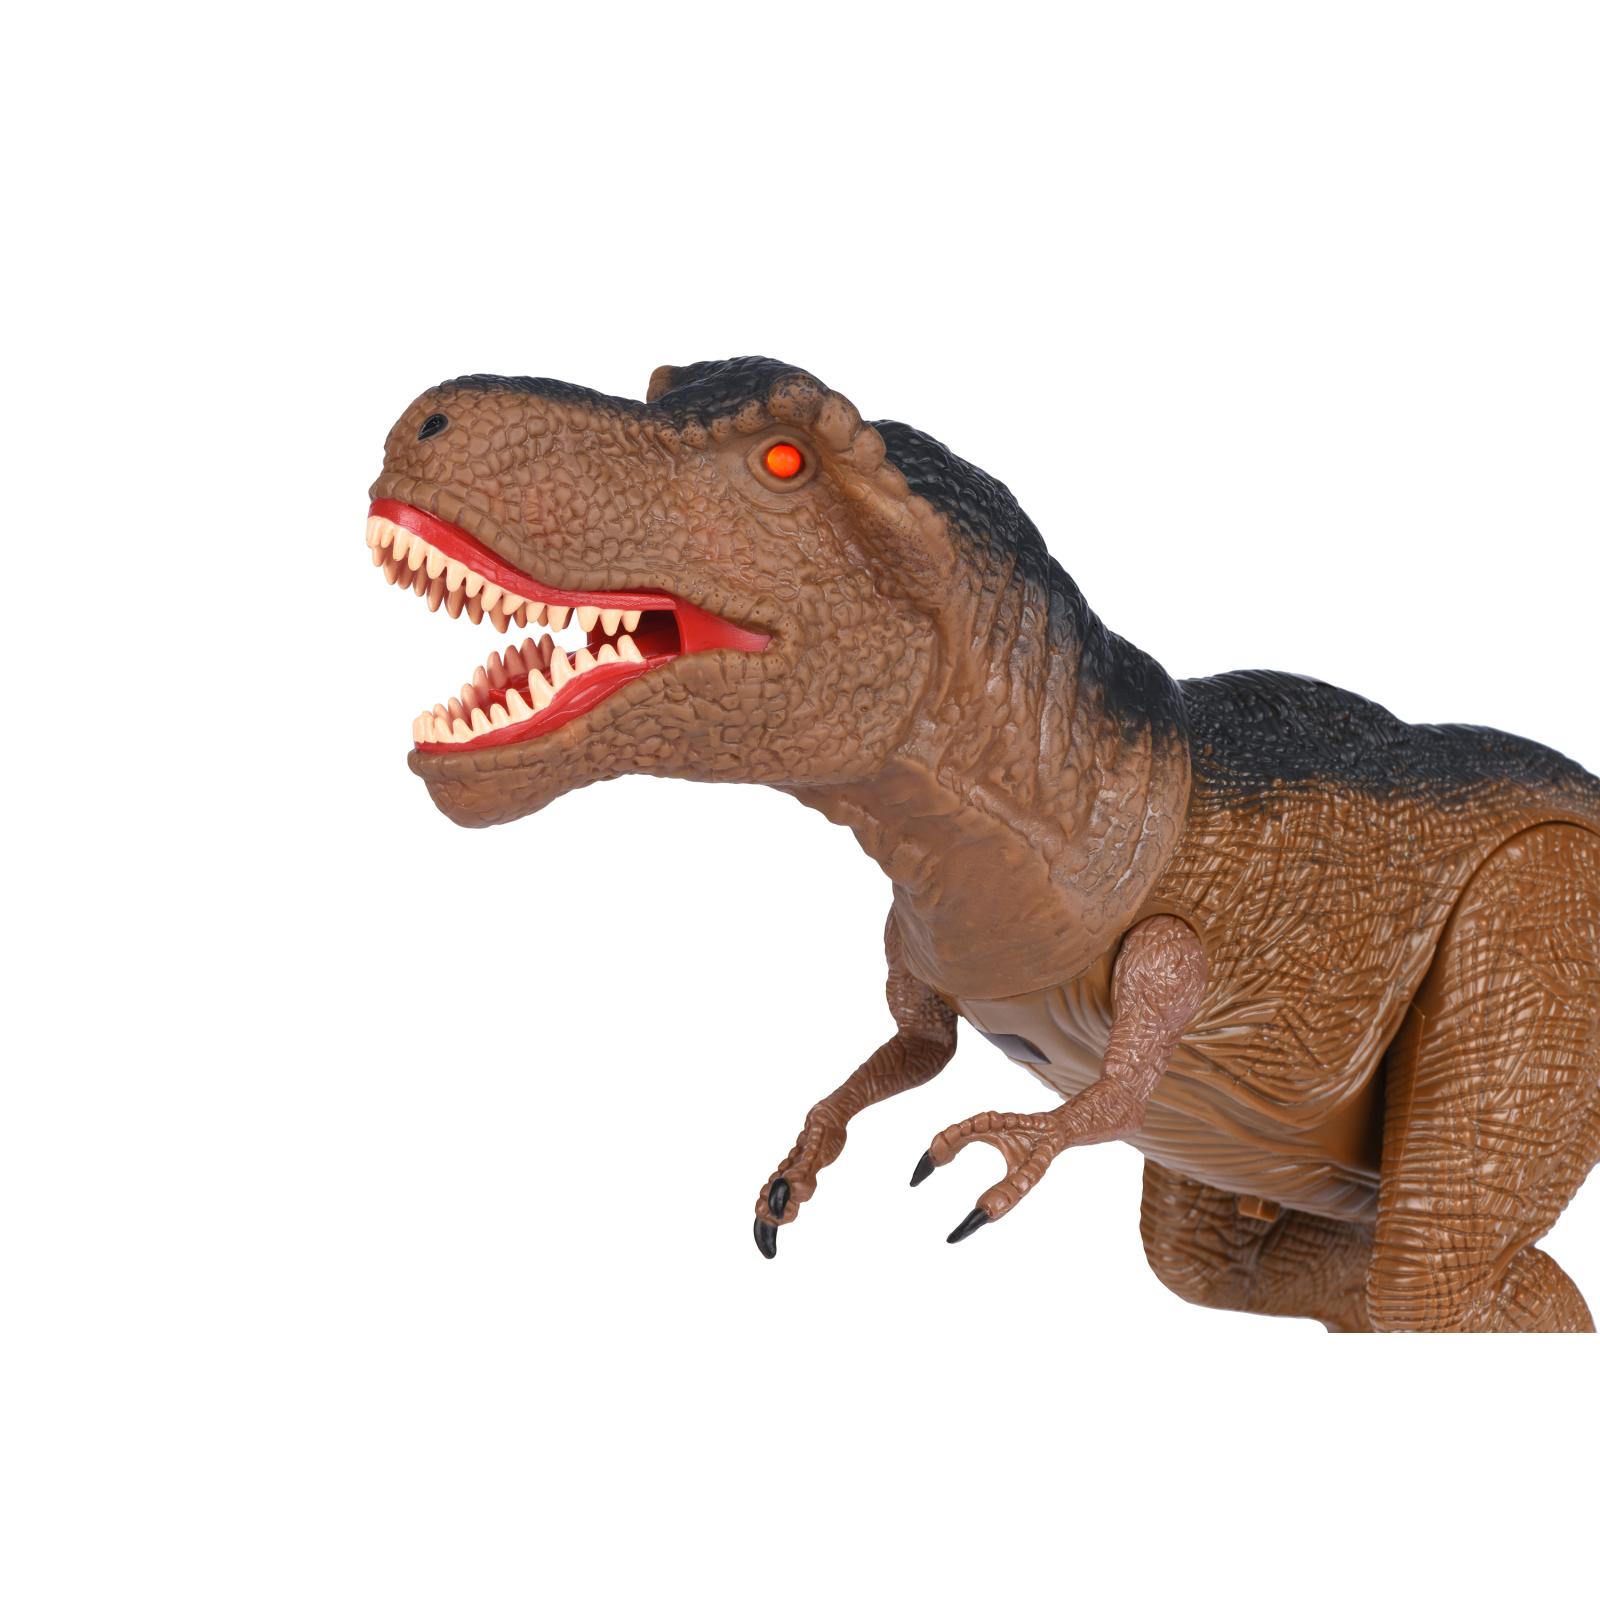 Интерактивная игрушка Same Toy Динозавр Dinosaur Planet коричневый со светом и звуком (RS6133Ut) изображение 3